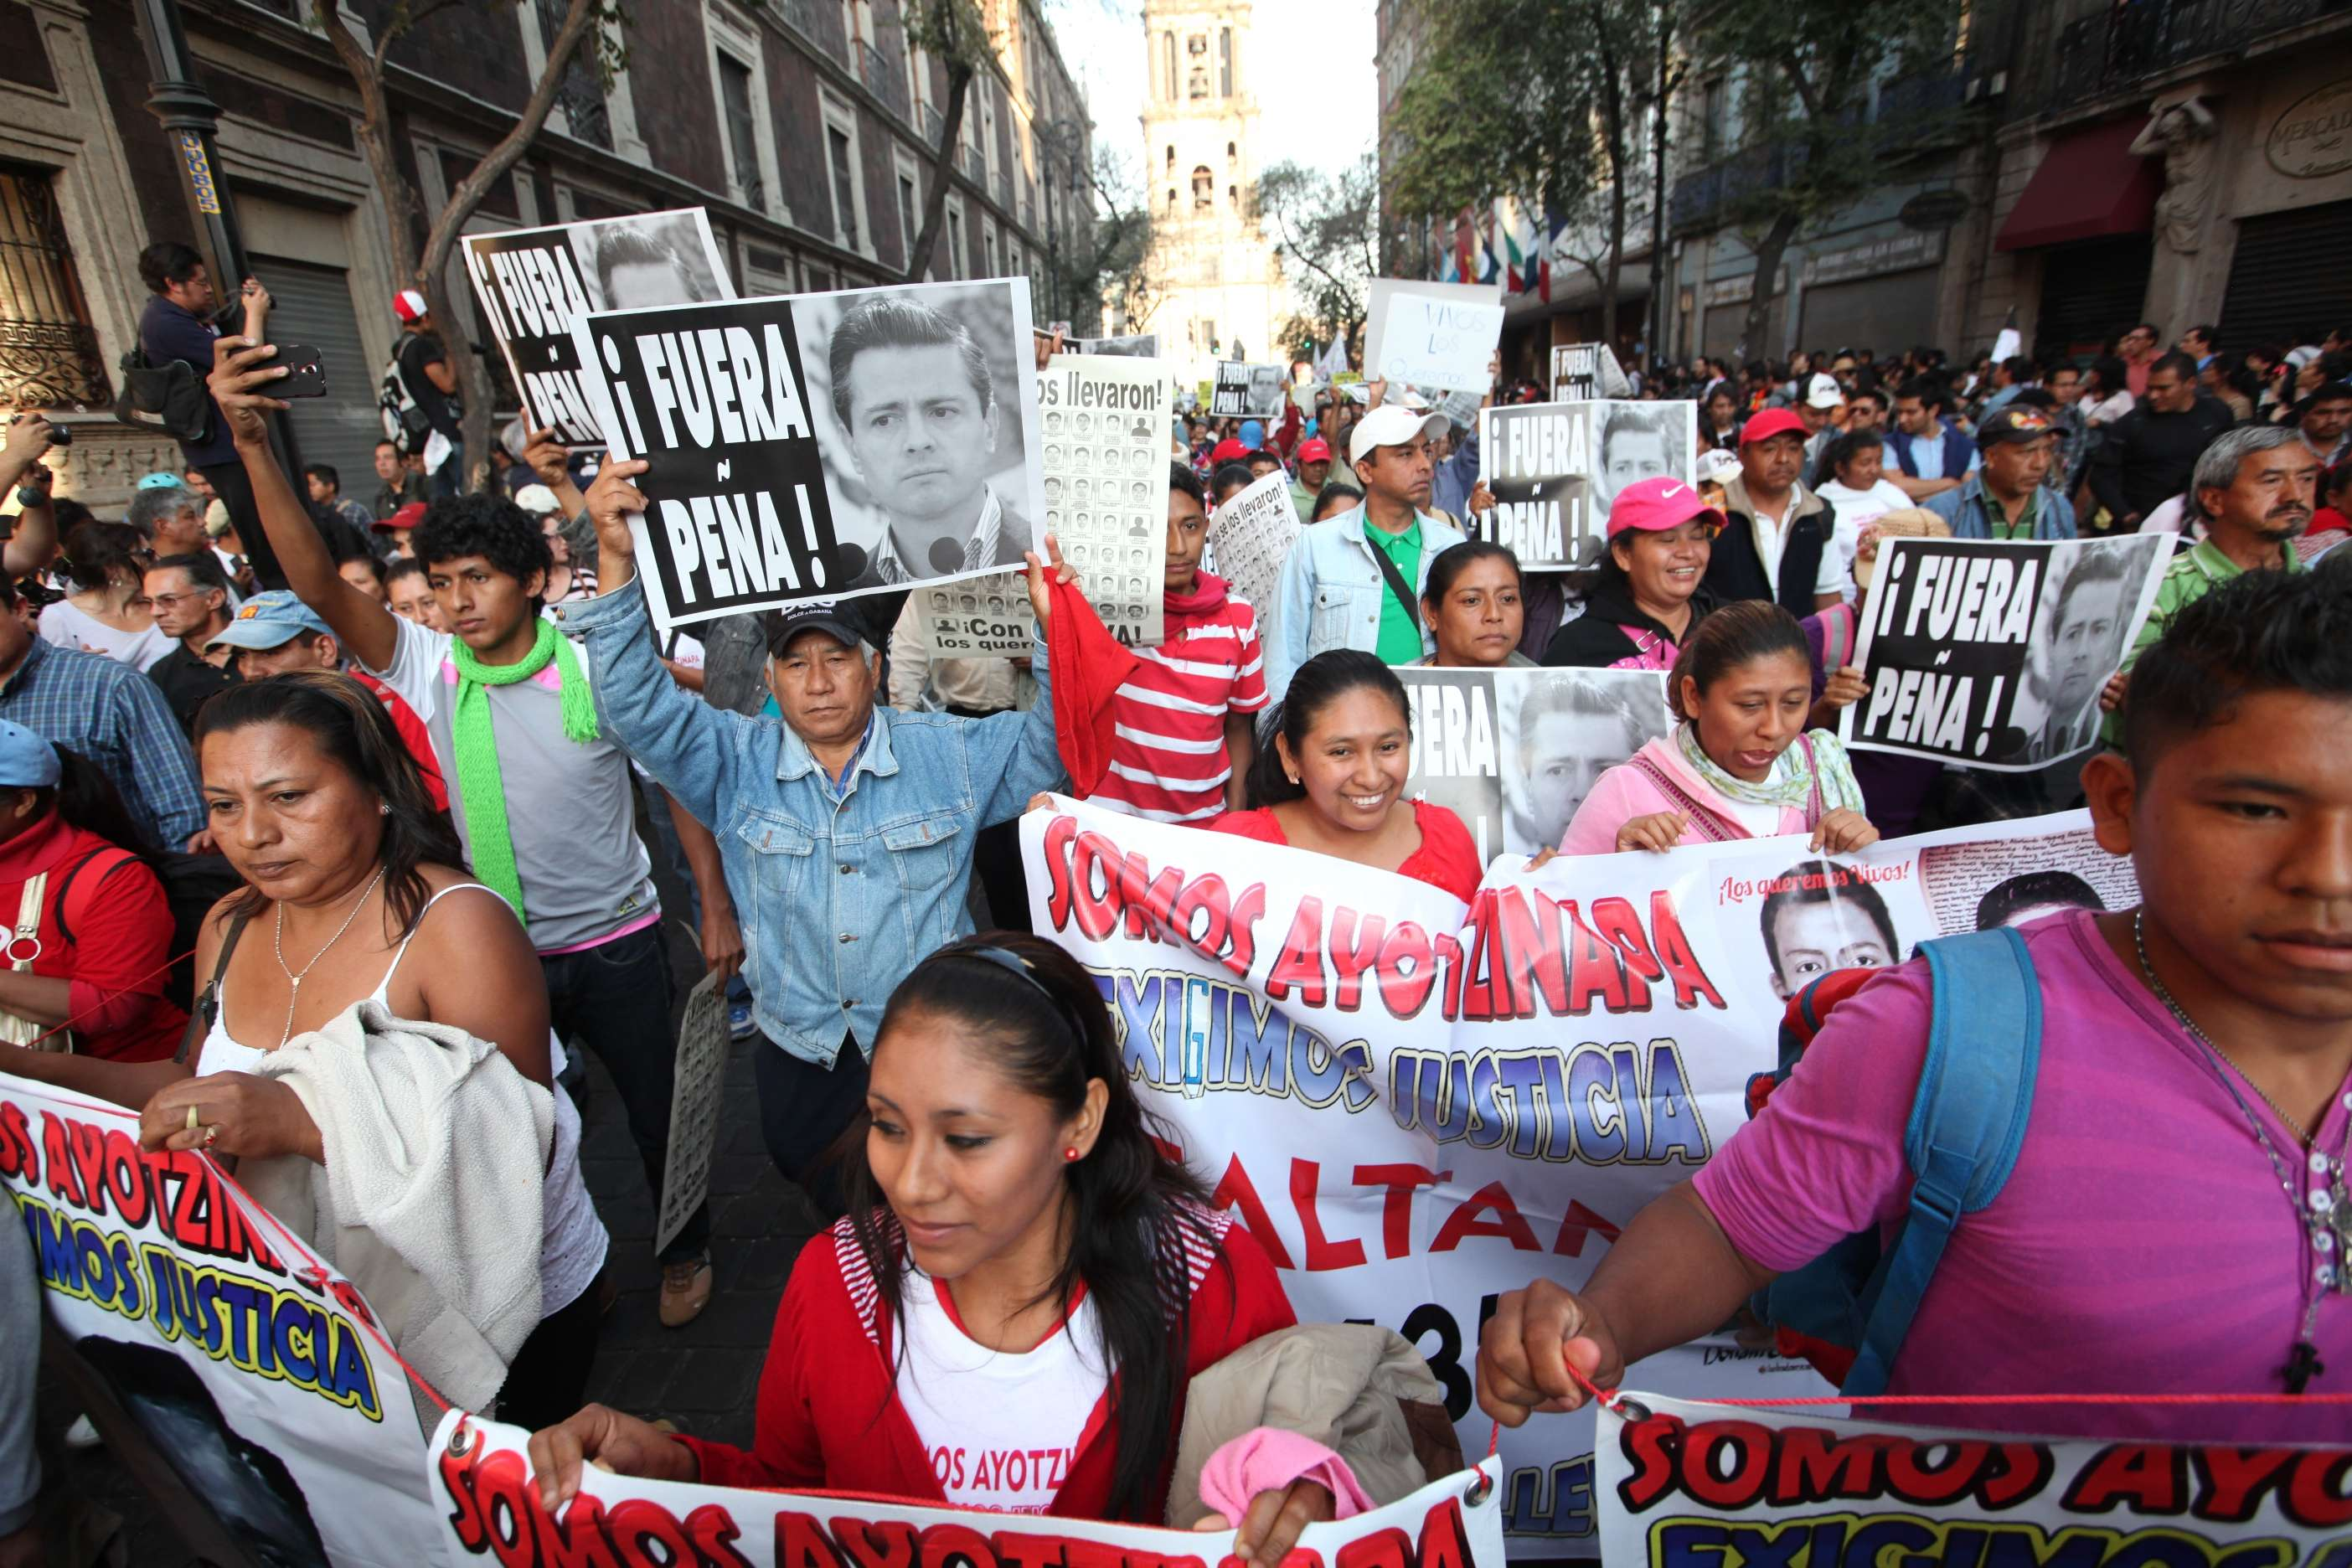 Contingentes que marcharon del Monumento a la Revolución y del Zócalo exigieron en el Ángel de la Independencia la dimisión de Peña Nieto y la aparición de 43 normalistas Foto: Uriel Olivares/Terra